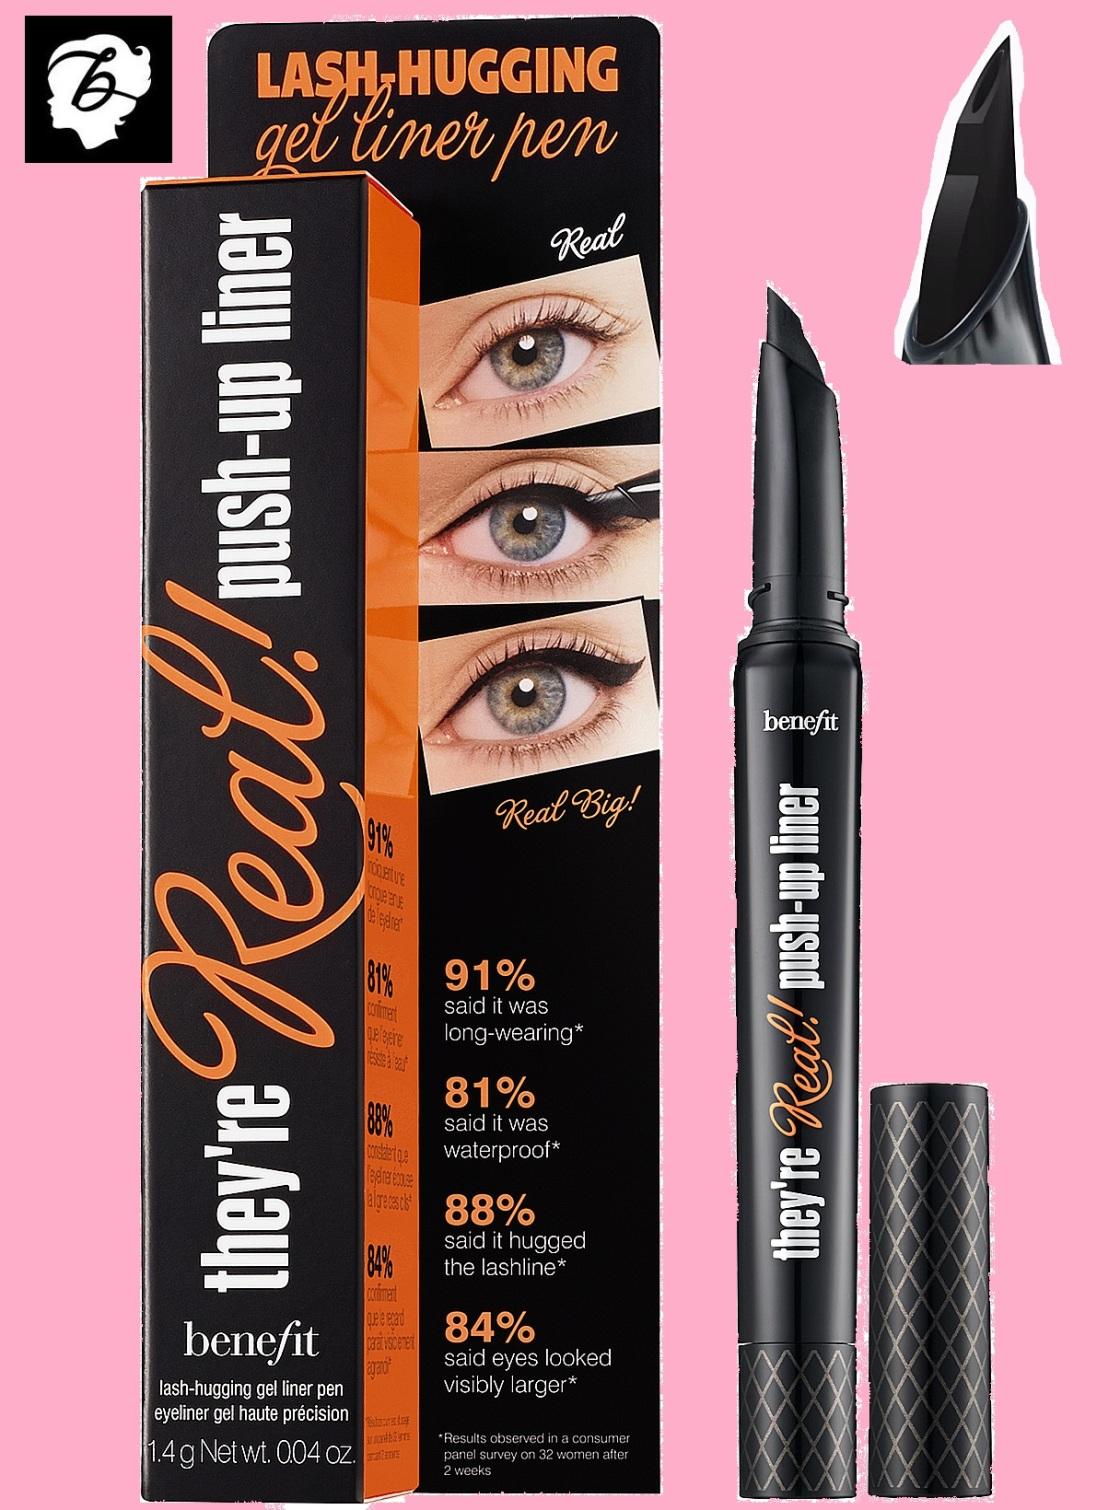 Benefit-Theyre-Real-Push-Up-Liner_lash-hugging-gel-liner-pen